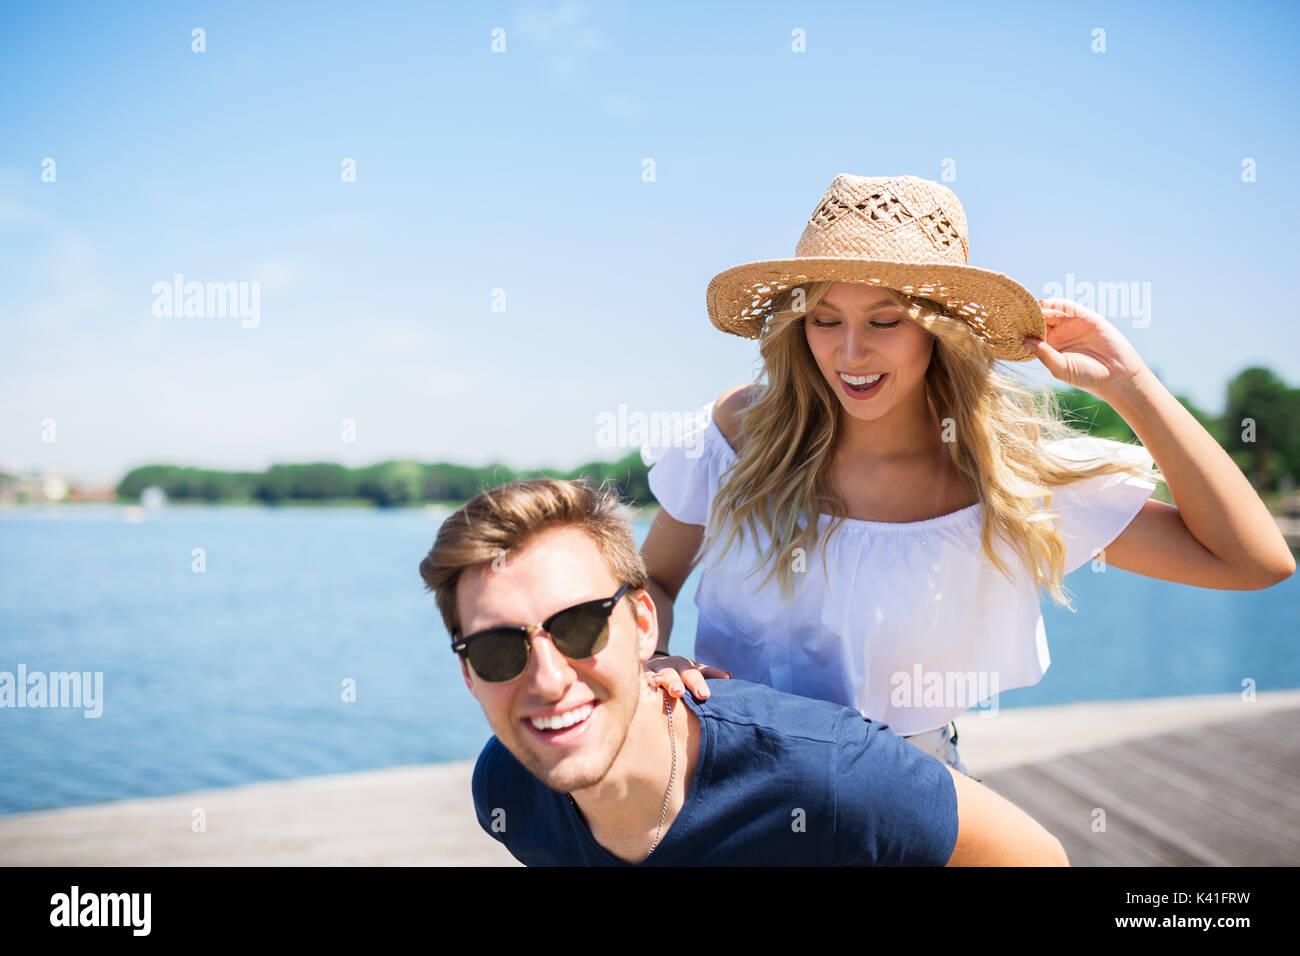 Una foto del joven, feliz pareja de vacaciones. El hombre está dando a su novia a cuestas. Imagen De Stock